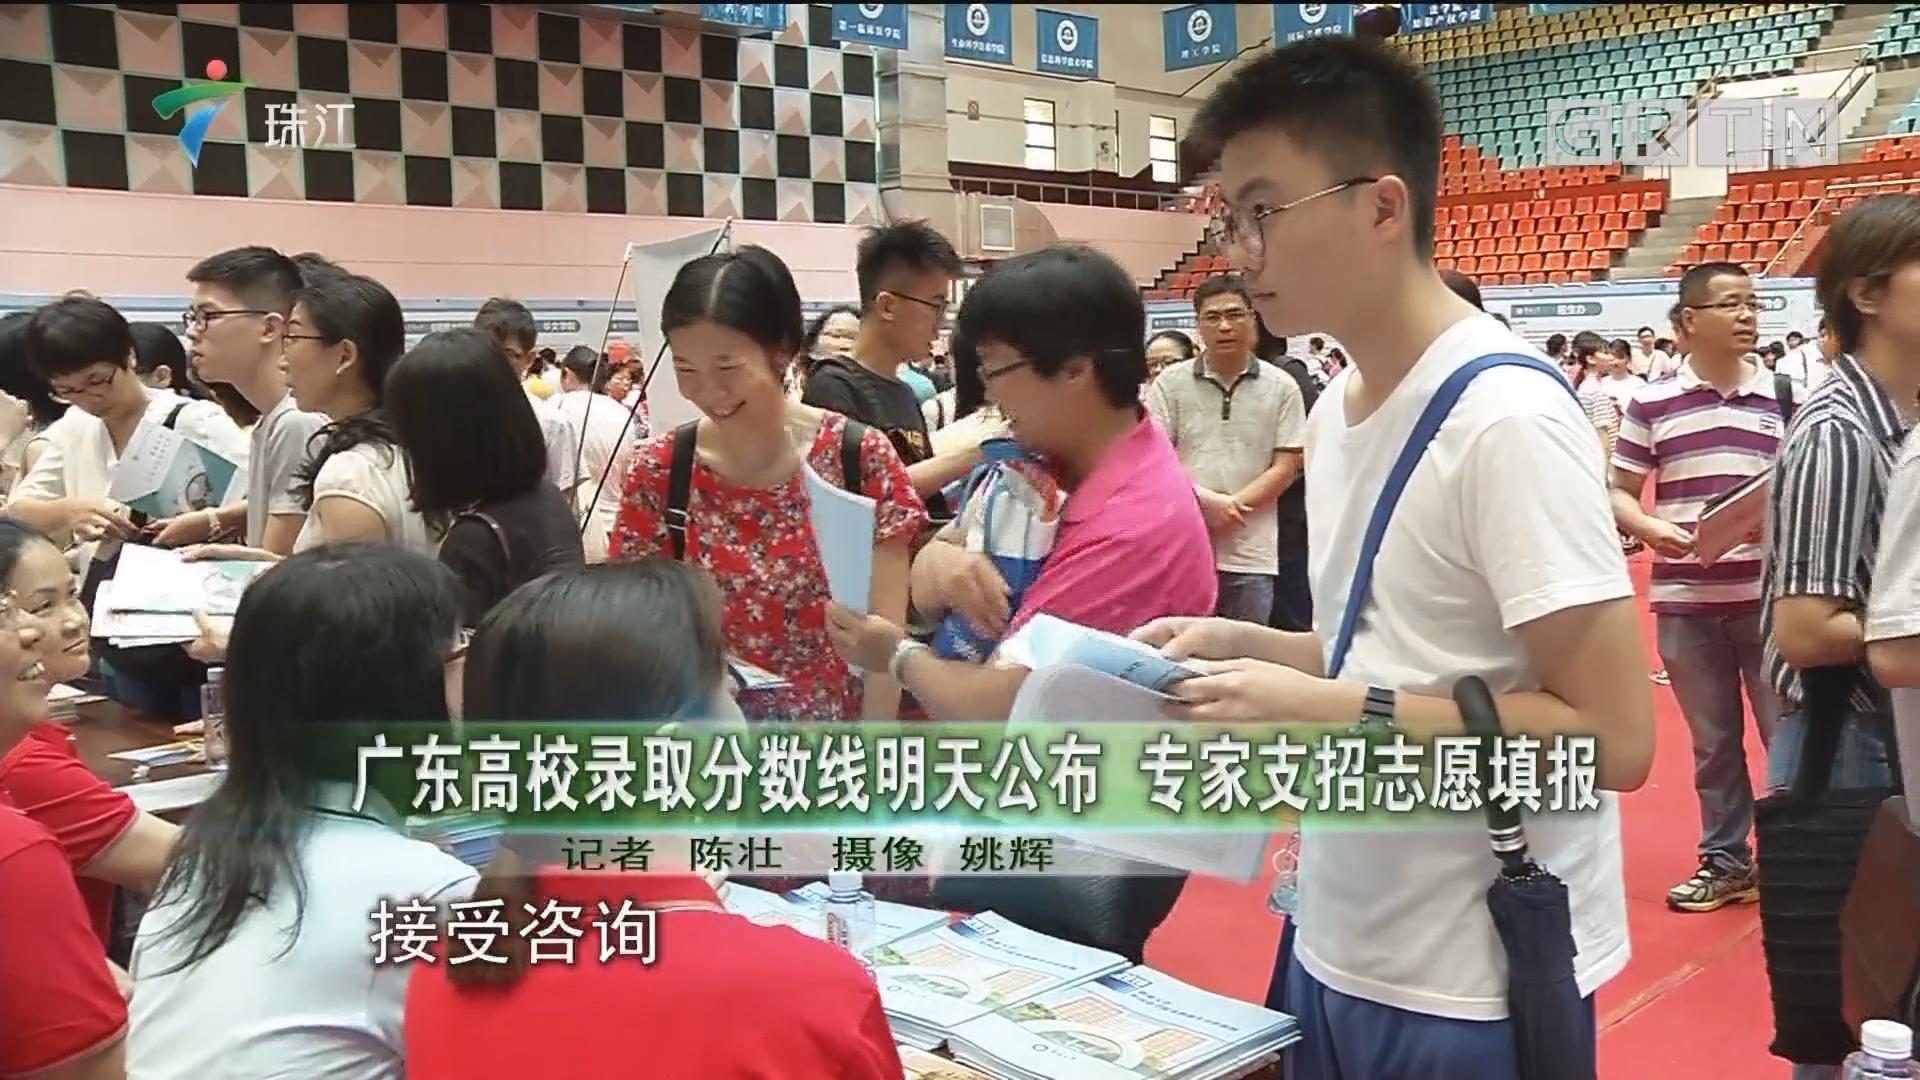 广东高校录取分数线明天公布 专家支招志愿填报